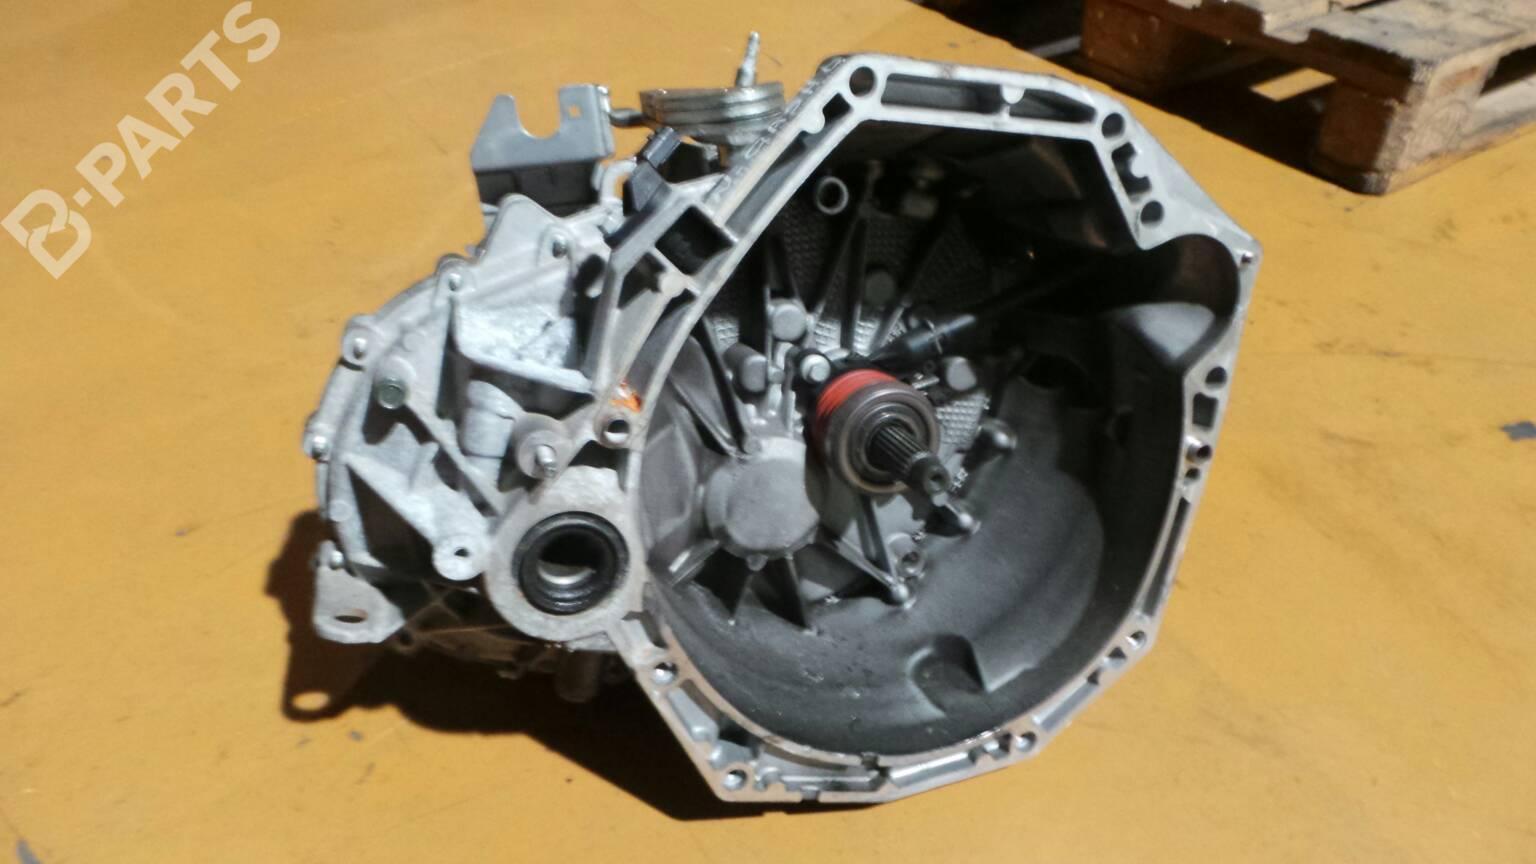 Manual Gearbox Nissan Qashqai 2 I J10 Jj10 15 Dci 28318 Alternator Wiring Diagram Tl4113